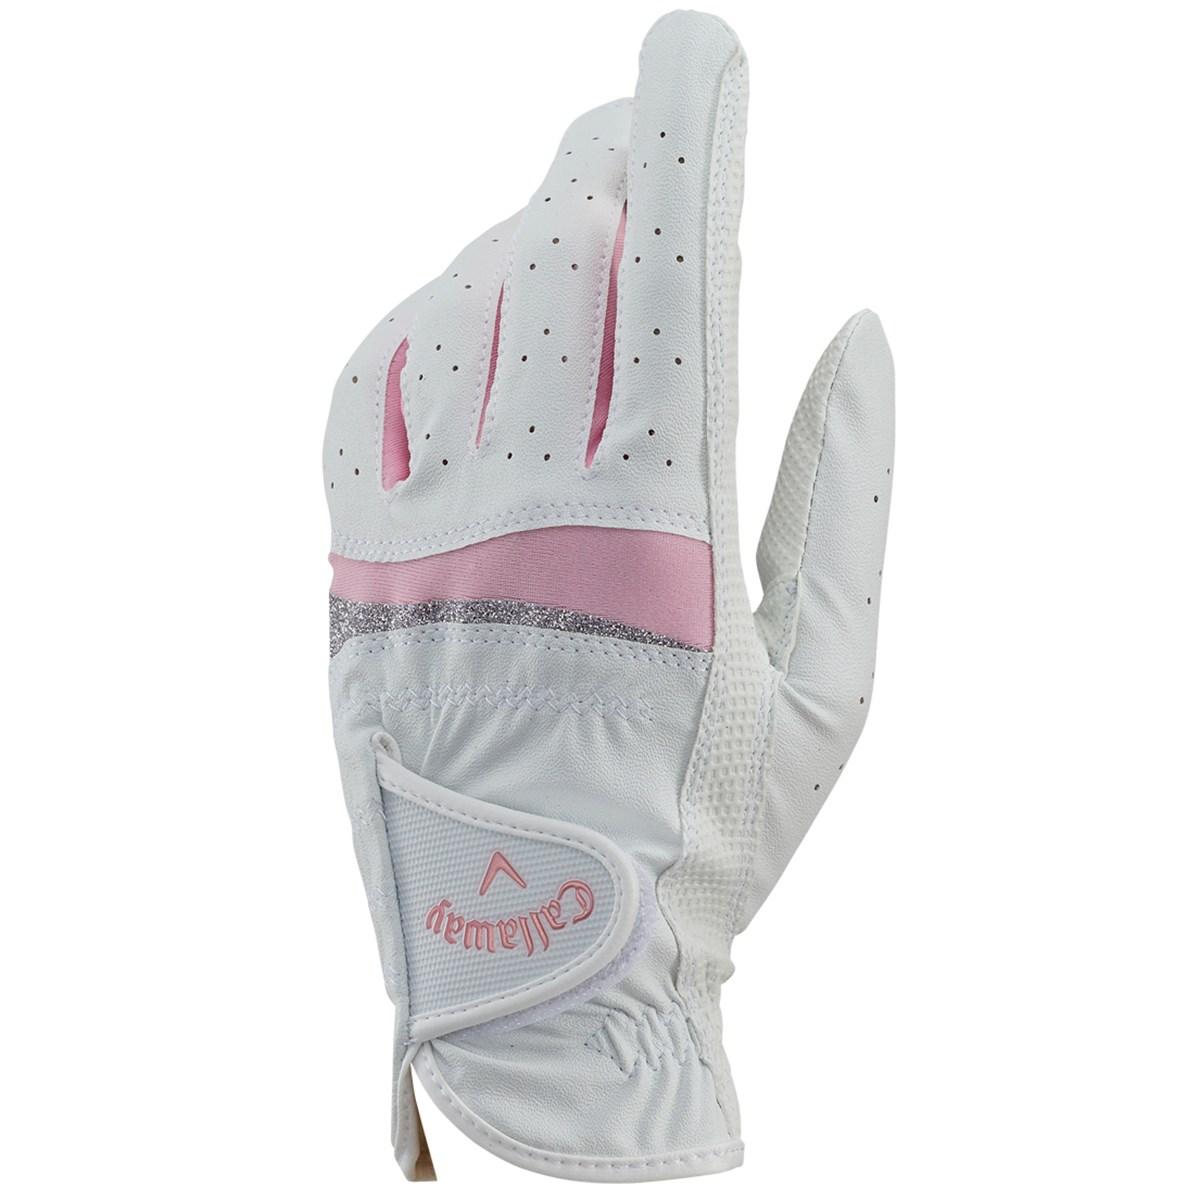 キャロウェイゴルフ Callaway Golf STYLE JM グローブ 19cm 左手着用(右利き用) ホワイト/ピンク レディス